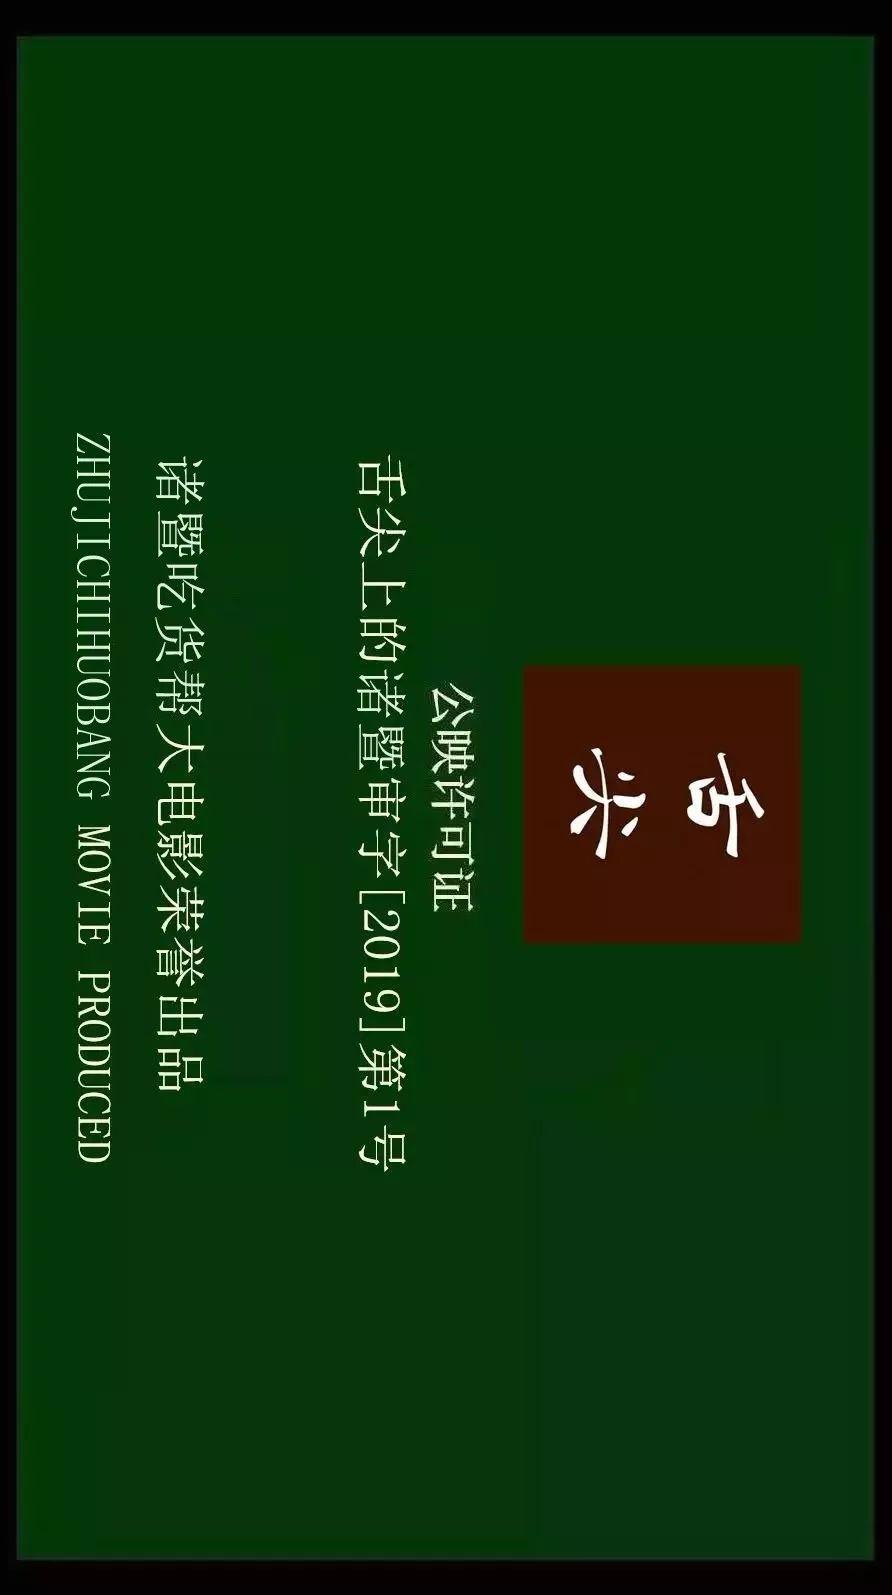 撸撸亚洲影院_诸暨这家串串火锅店让你吃到嗨,撸